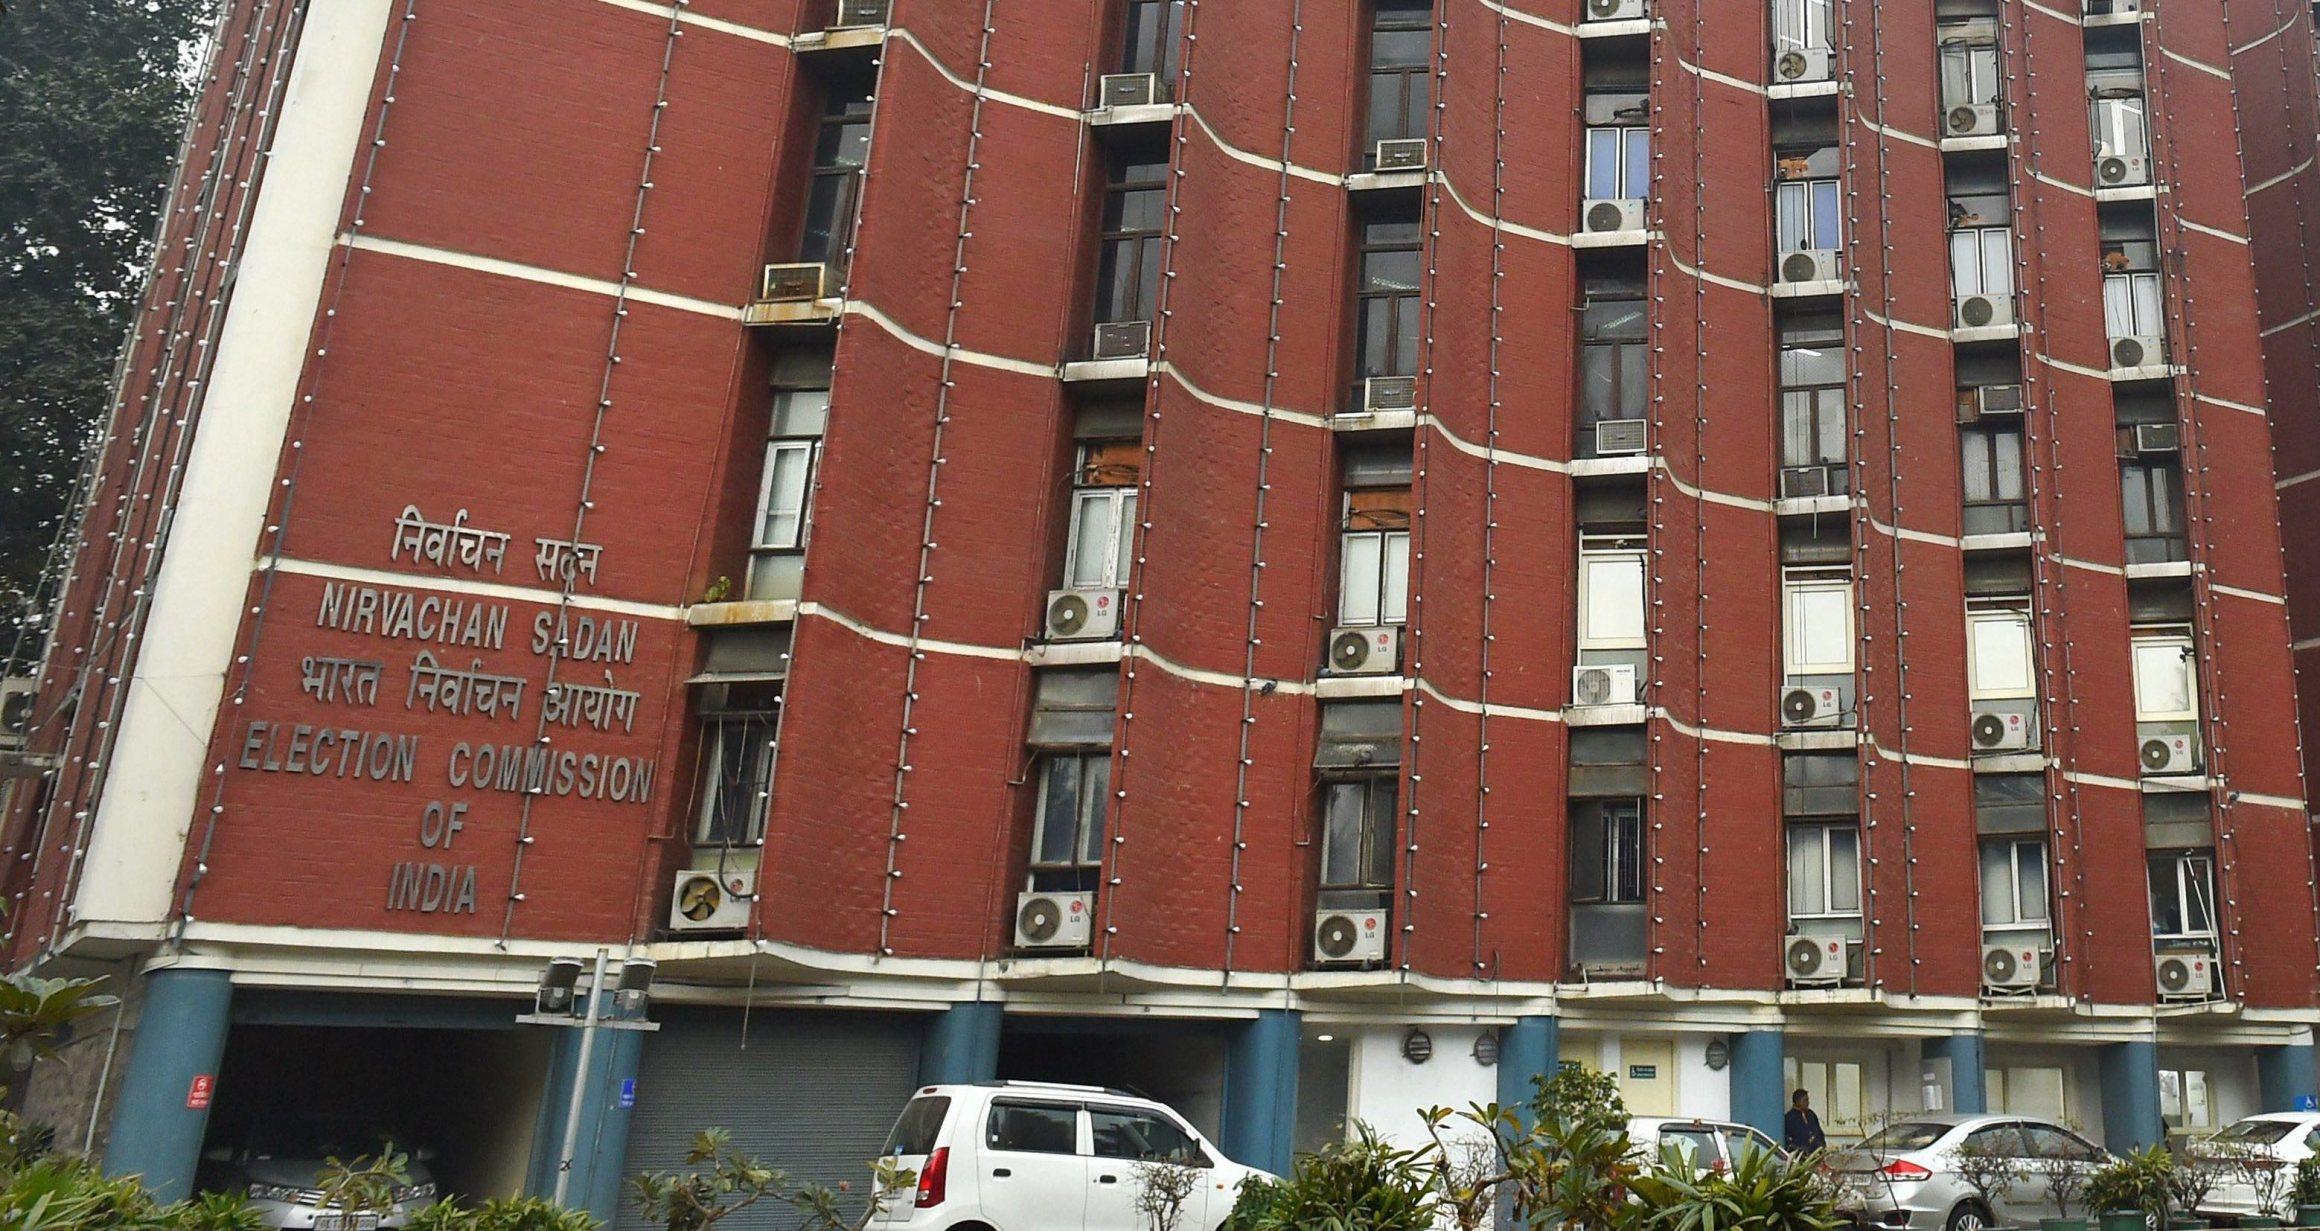 نئی دہلی واقع الیکشن کمیشن کا دفتر۔ (فوٹو : پی ٹی آئی)